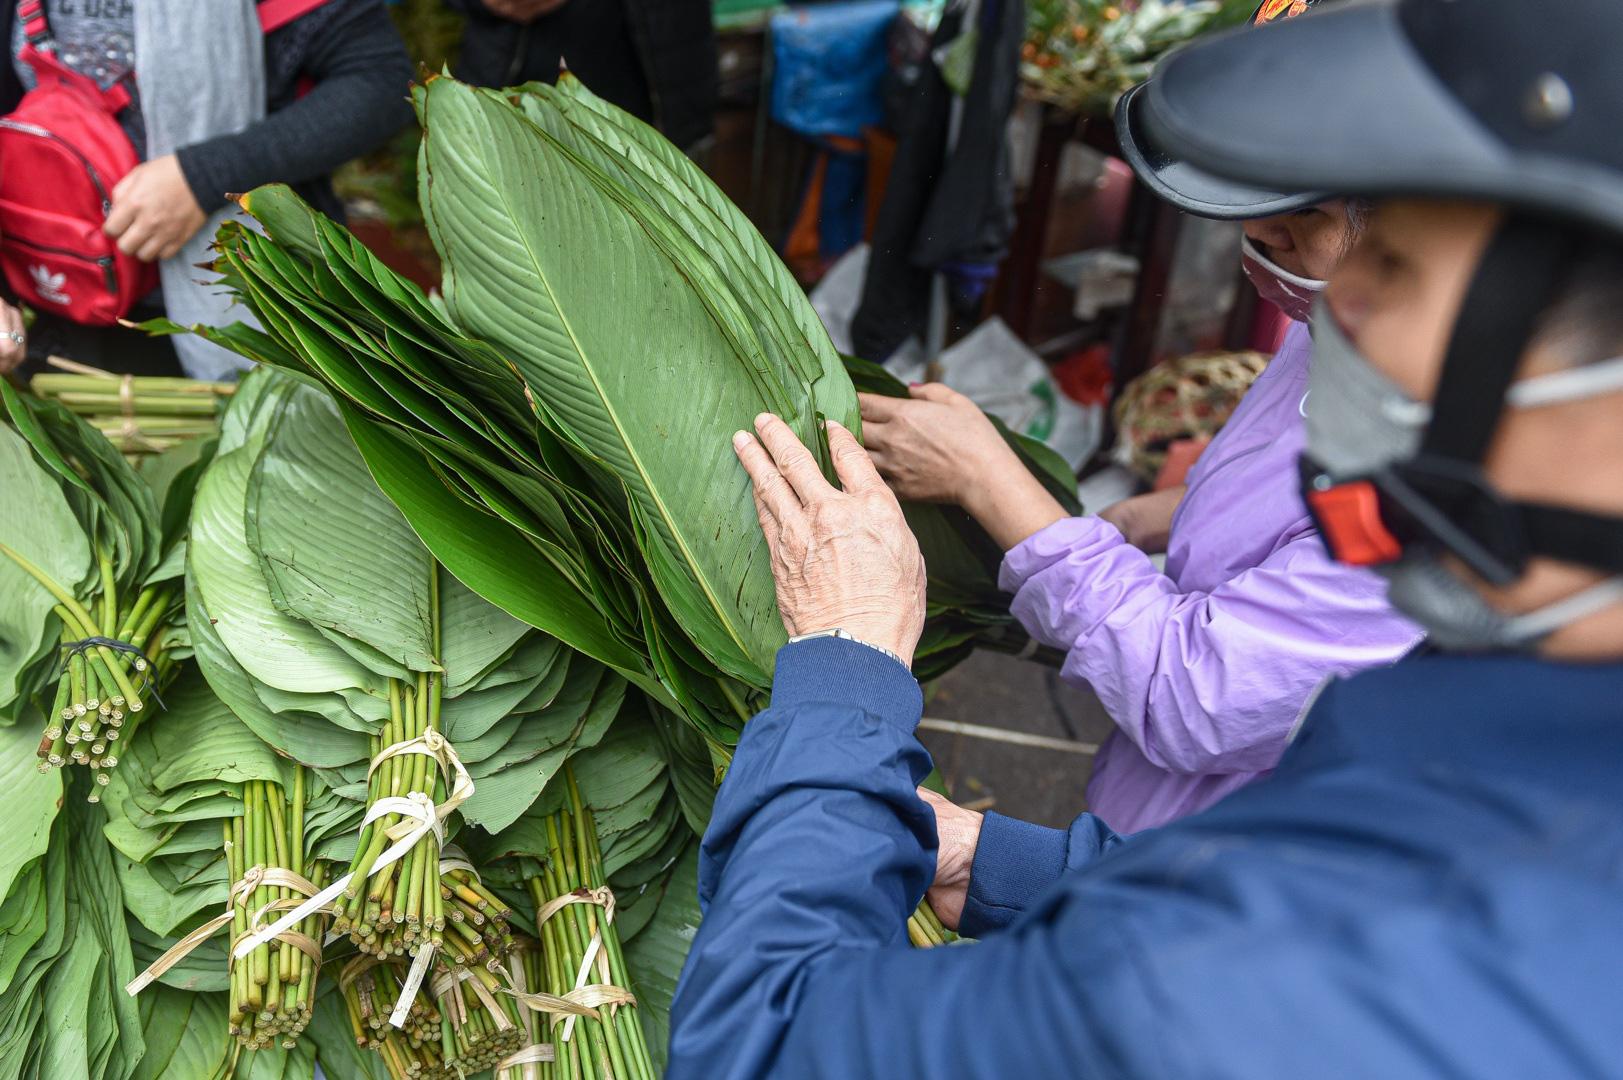 Phiên chợ họp ngày cuối năm, chỉ bán lá dong rừng, lạt tre ở Hà Nội - Ảnh 4.